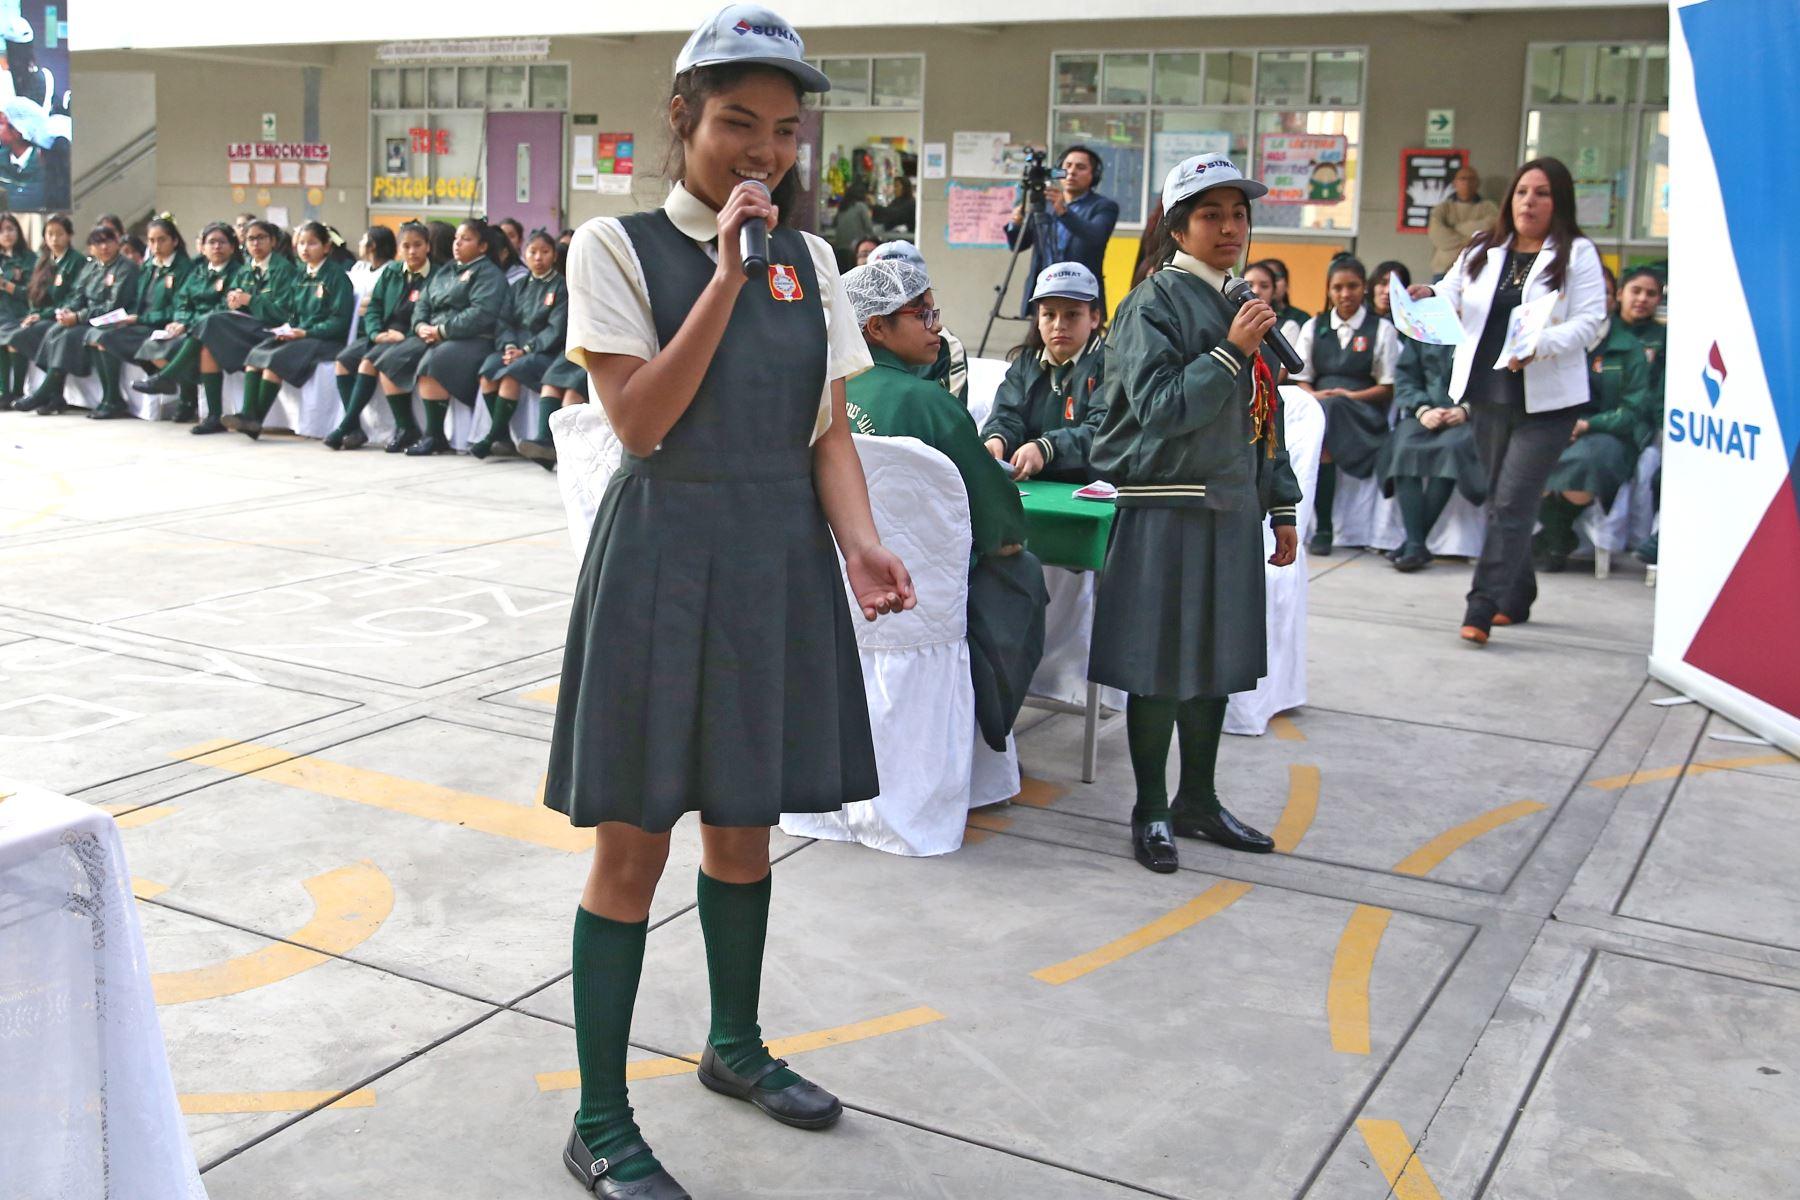 Sunat promueve importancia de pago de impuestos entre más de 175,000 escolares. Foto: ANDINA/ Vidal Tarqui